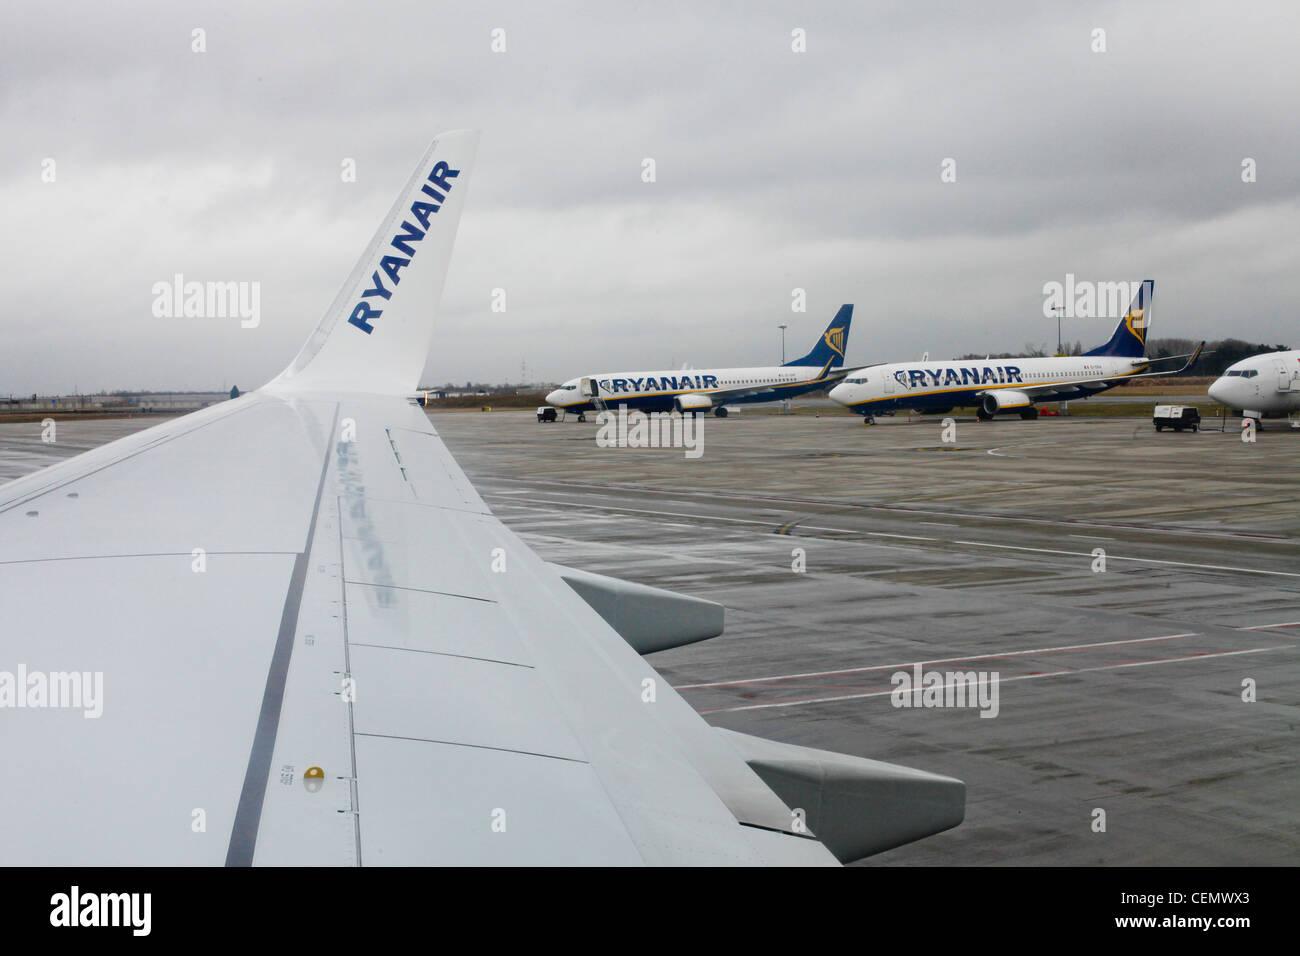 Ryanair airplanes - Stock Image